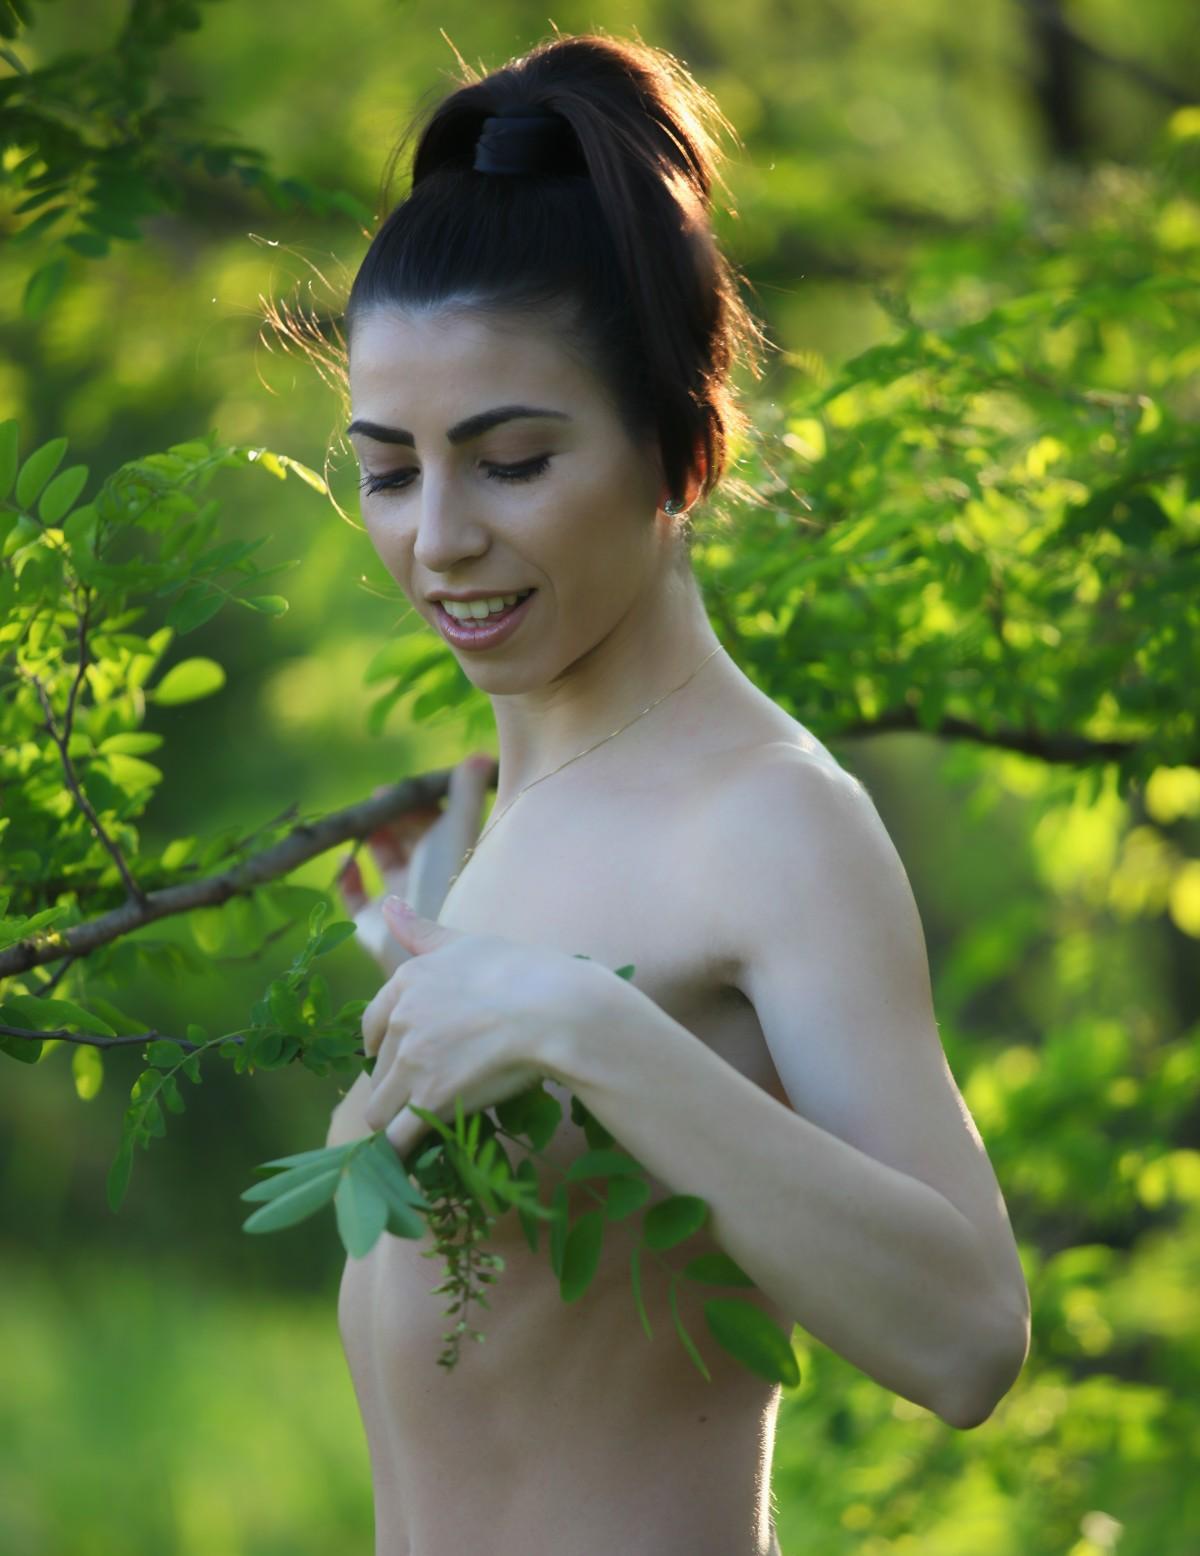 Green girls nude